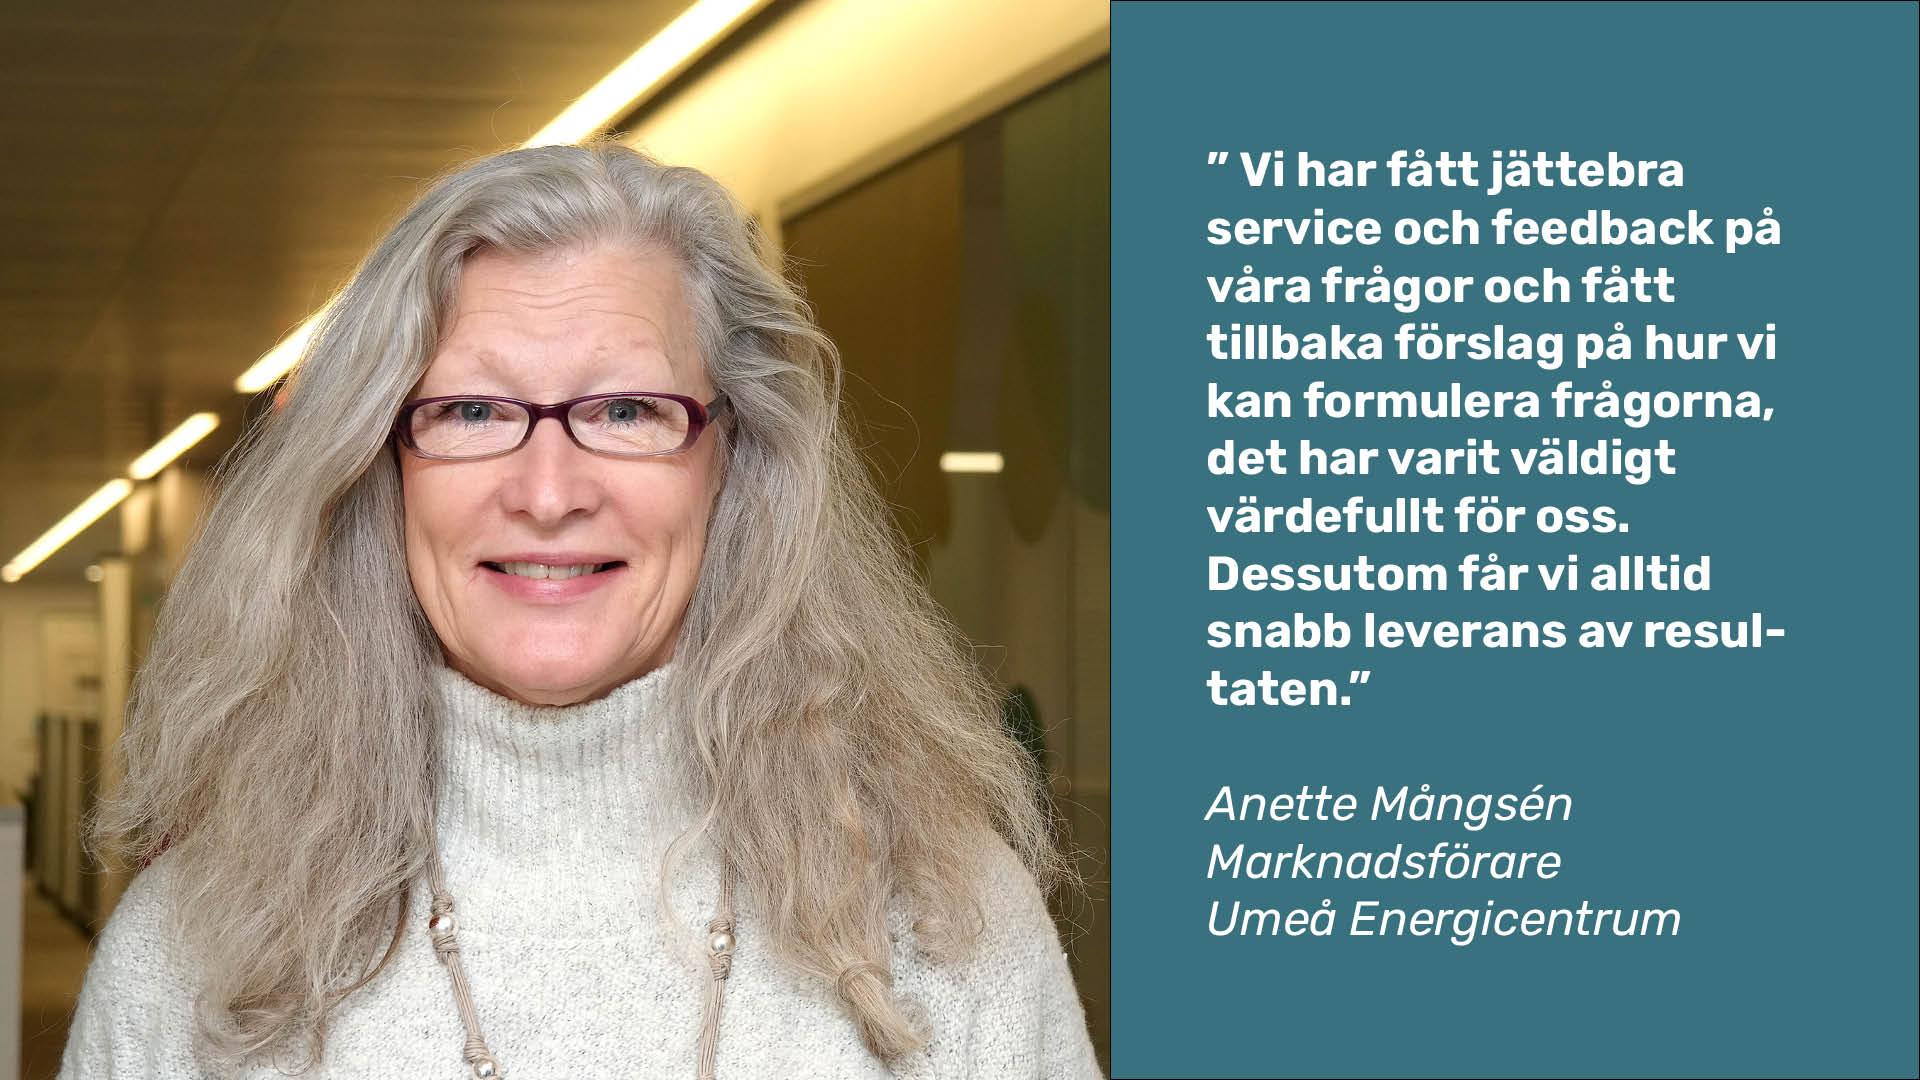 Umeå Energicentrum_anette